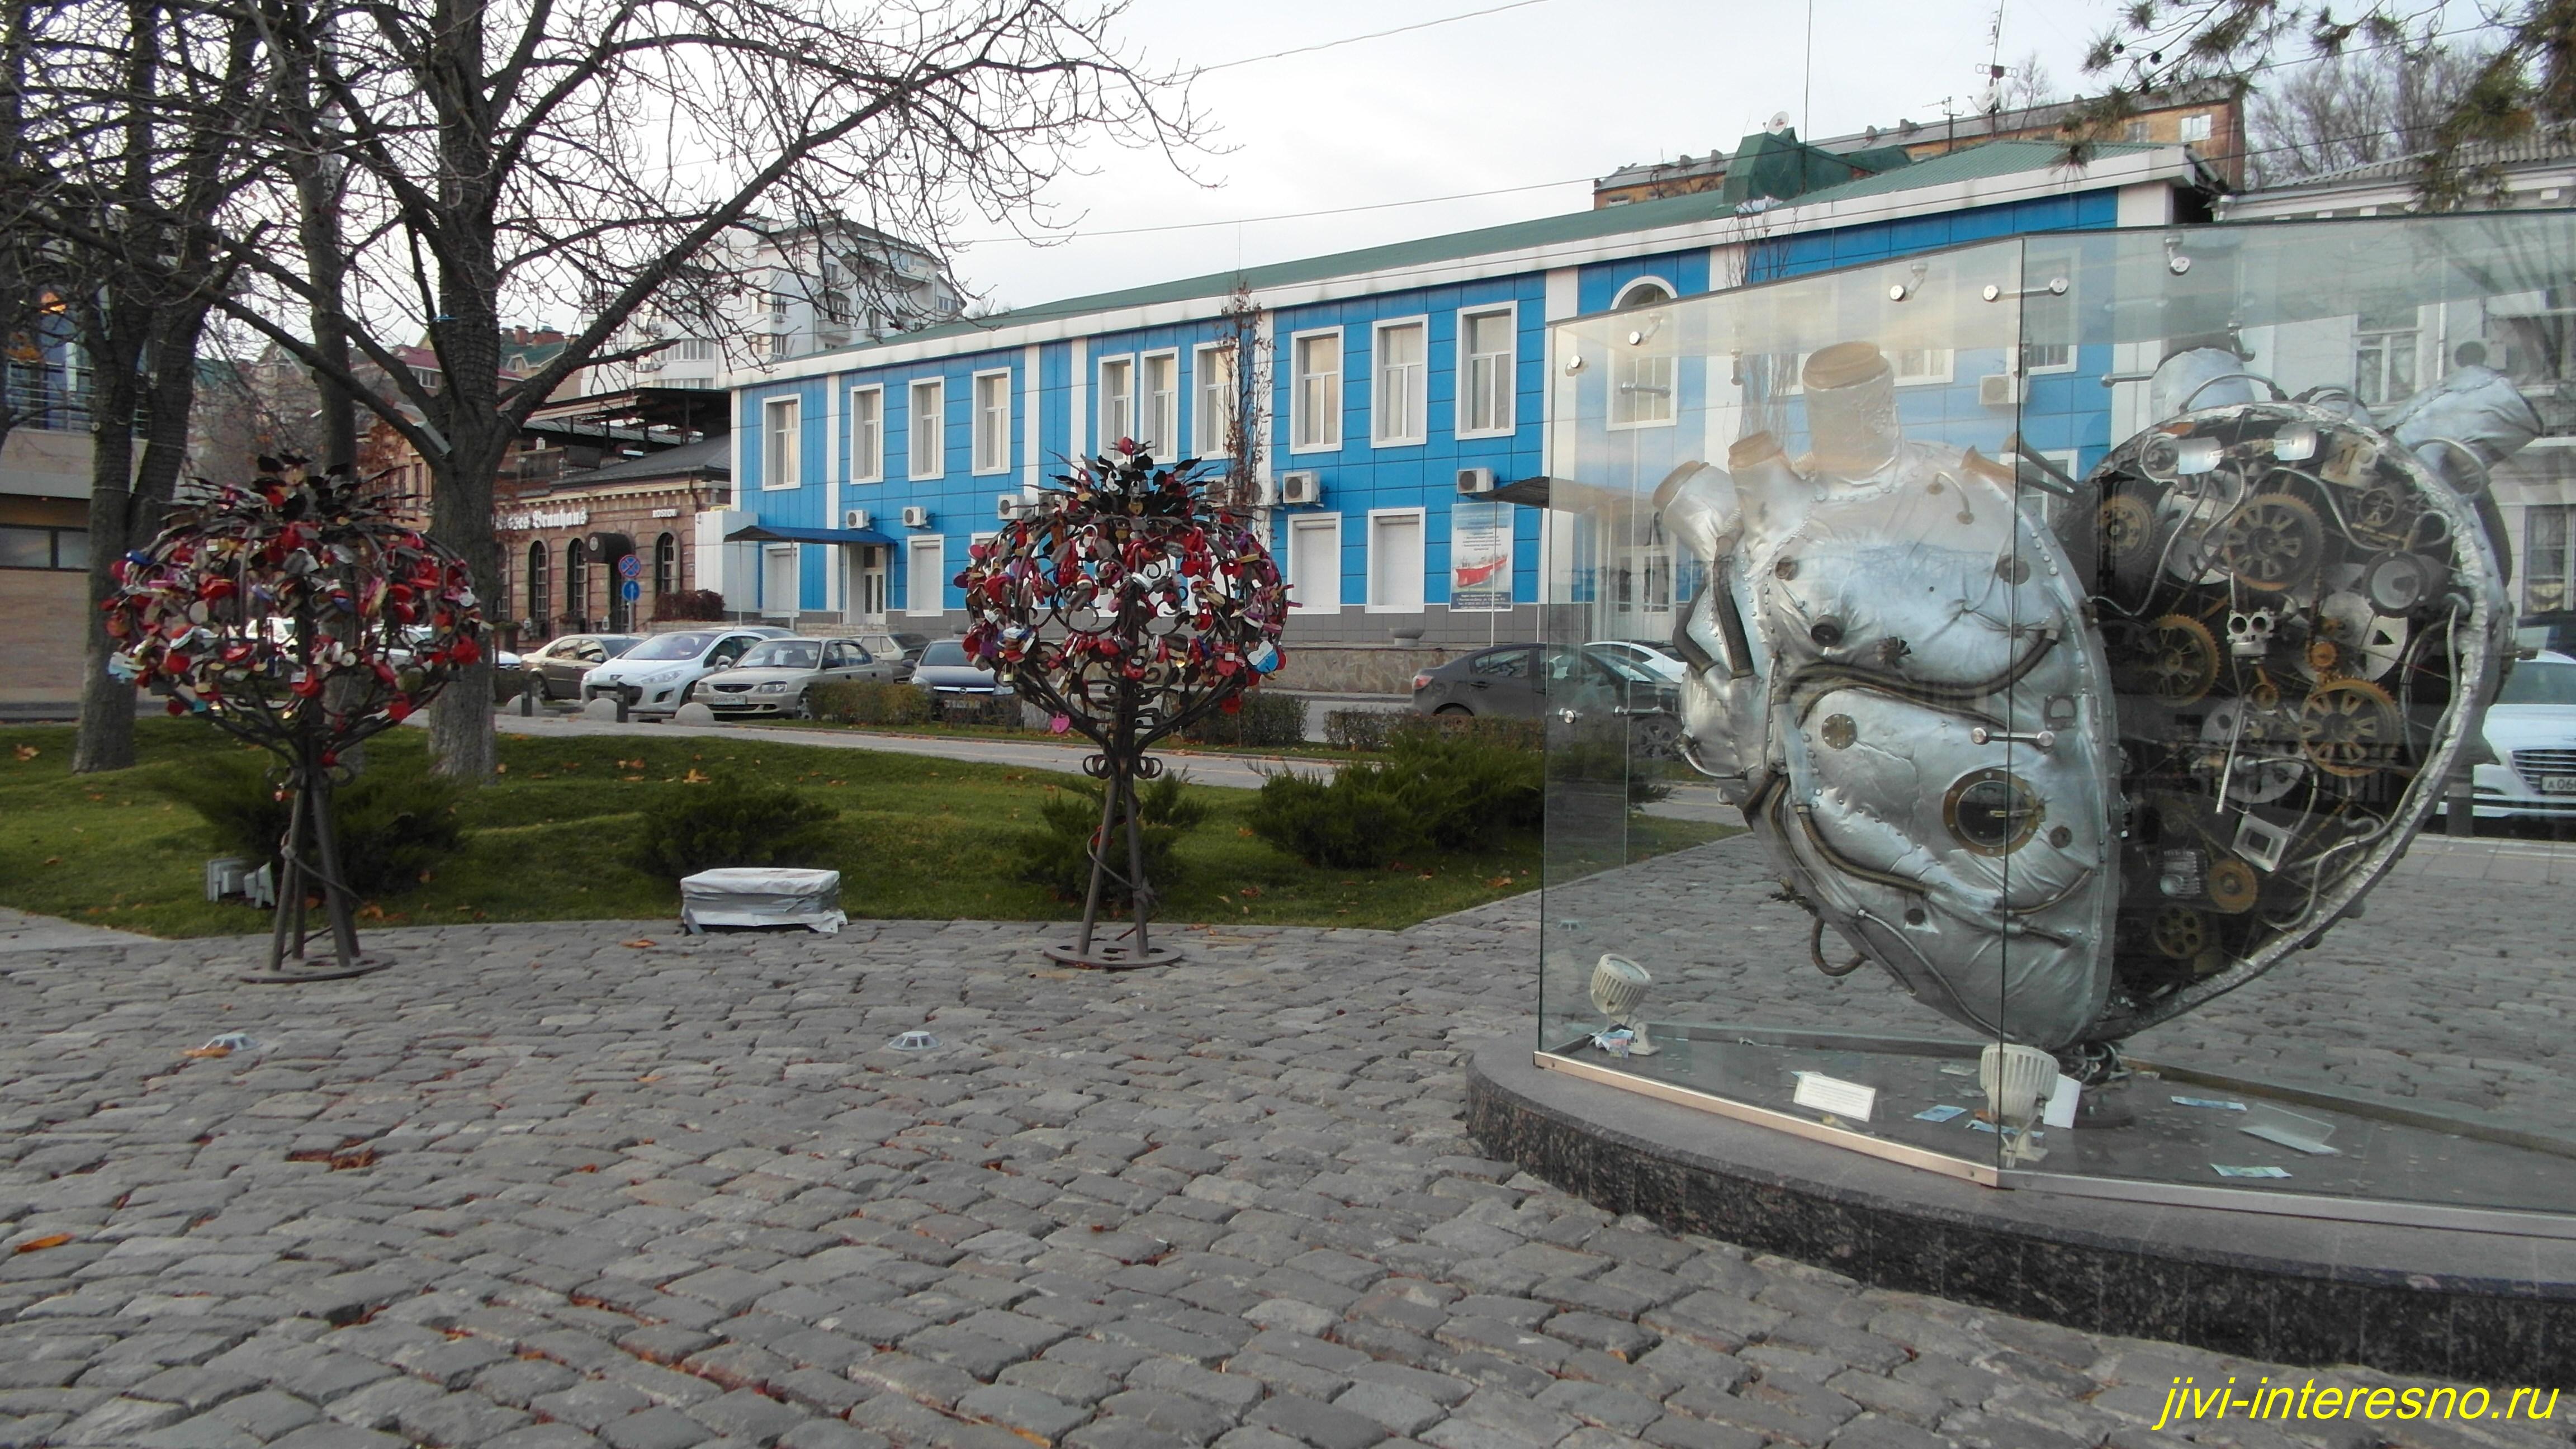 Ростов-на-Дону, набережная в ноябре